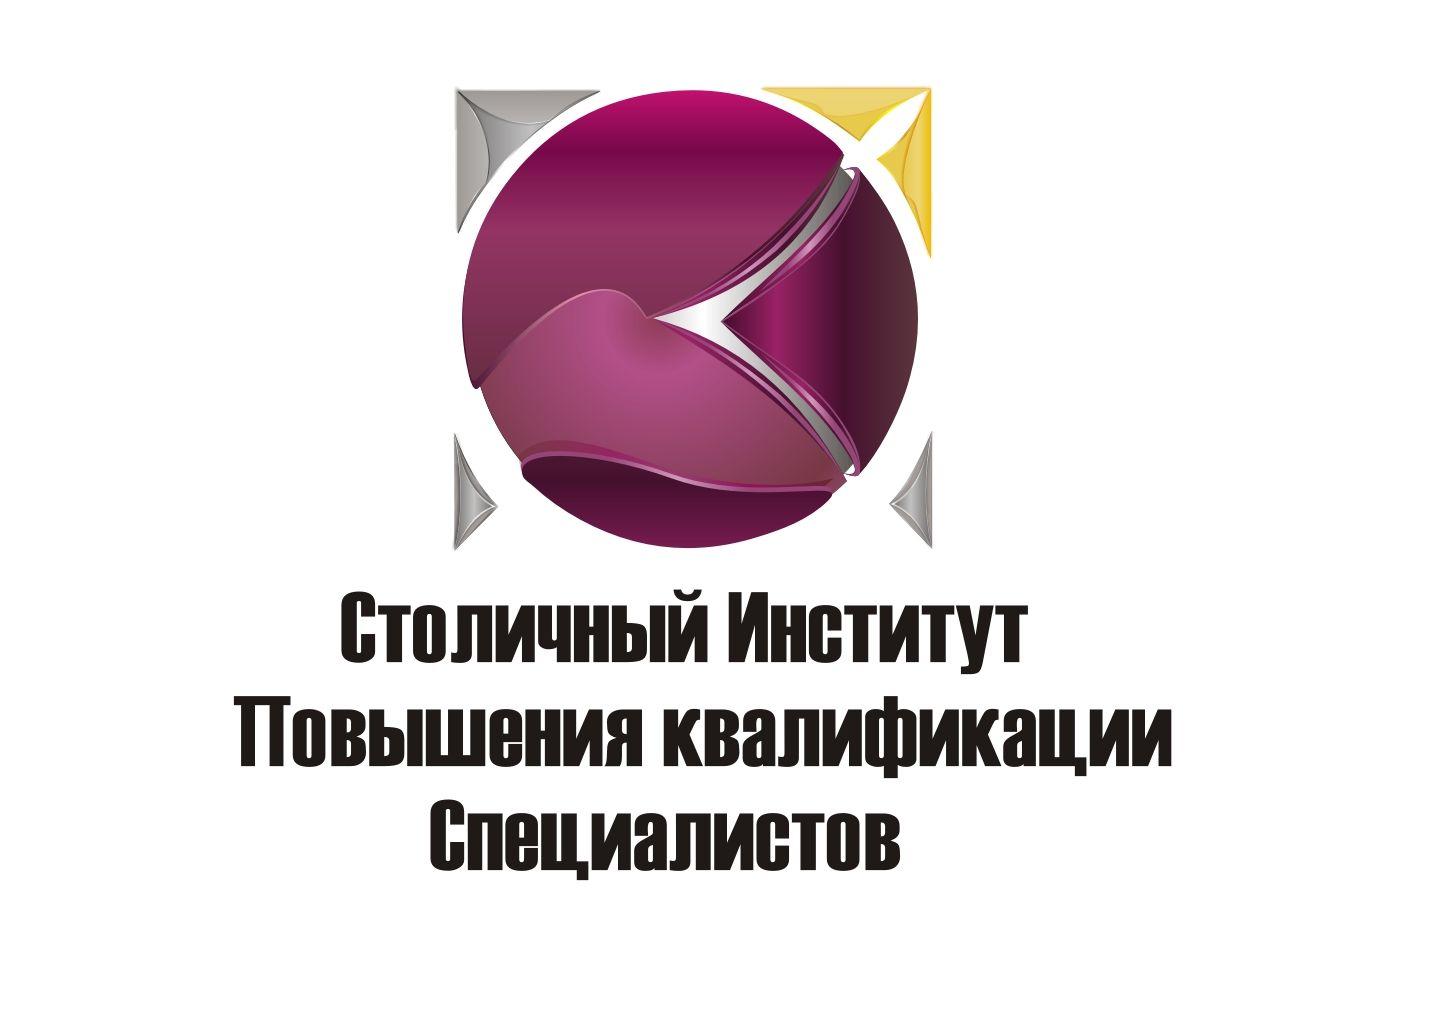 Редизайн логотипа и фирменный стиль - дизайнер markosov